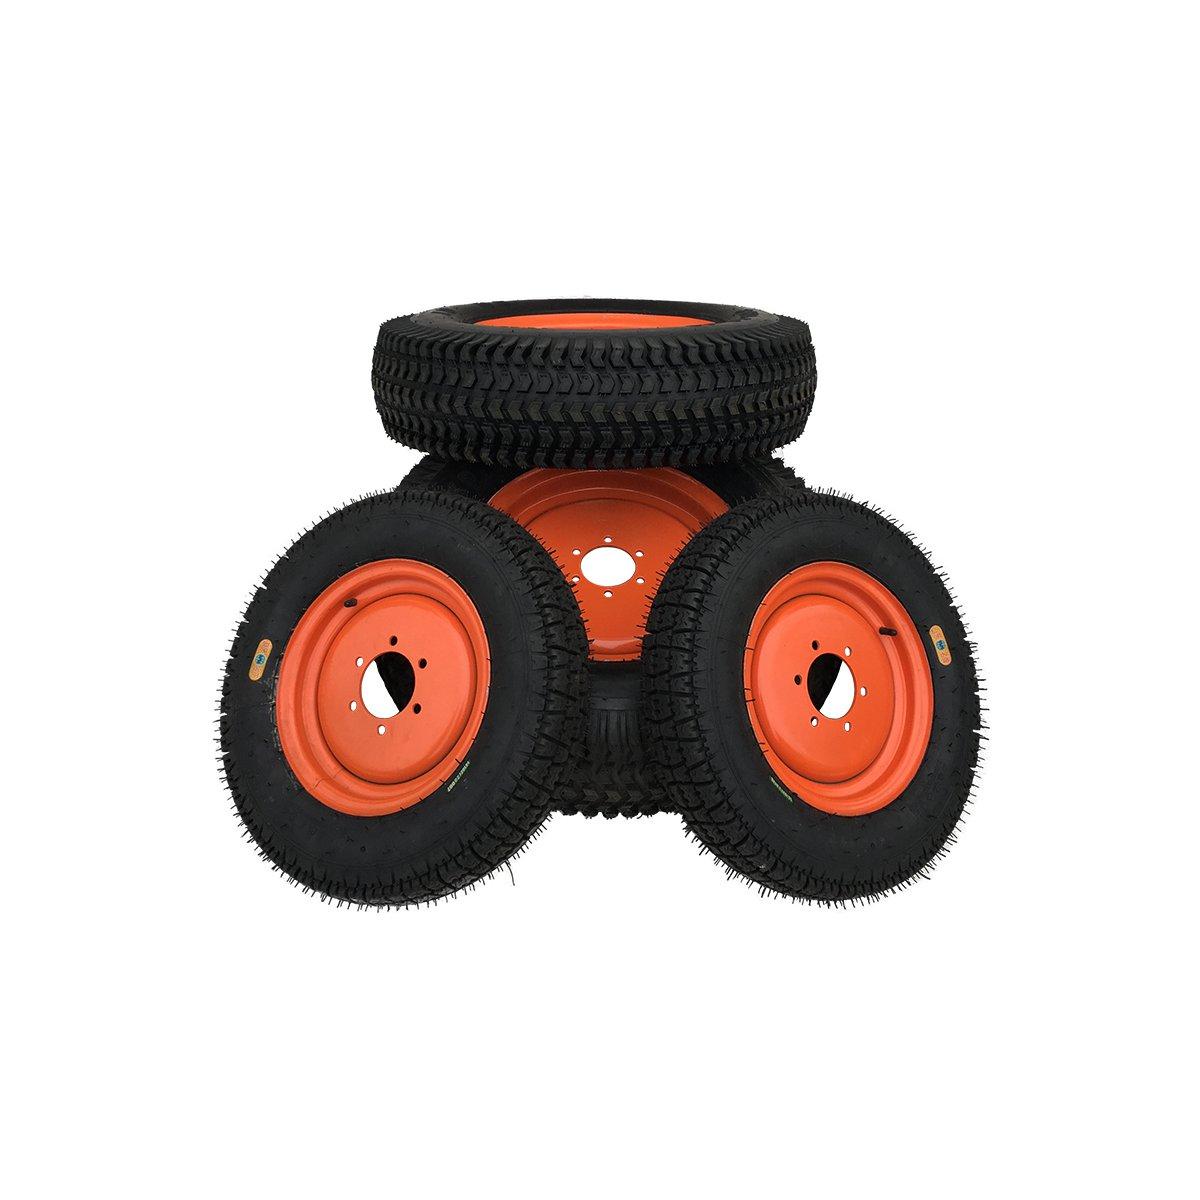 komplettradsatz - rasenreifen - felge orange passend für kubota